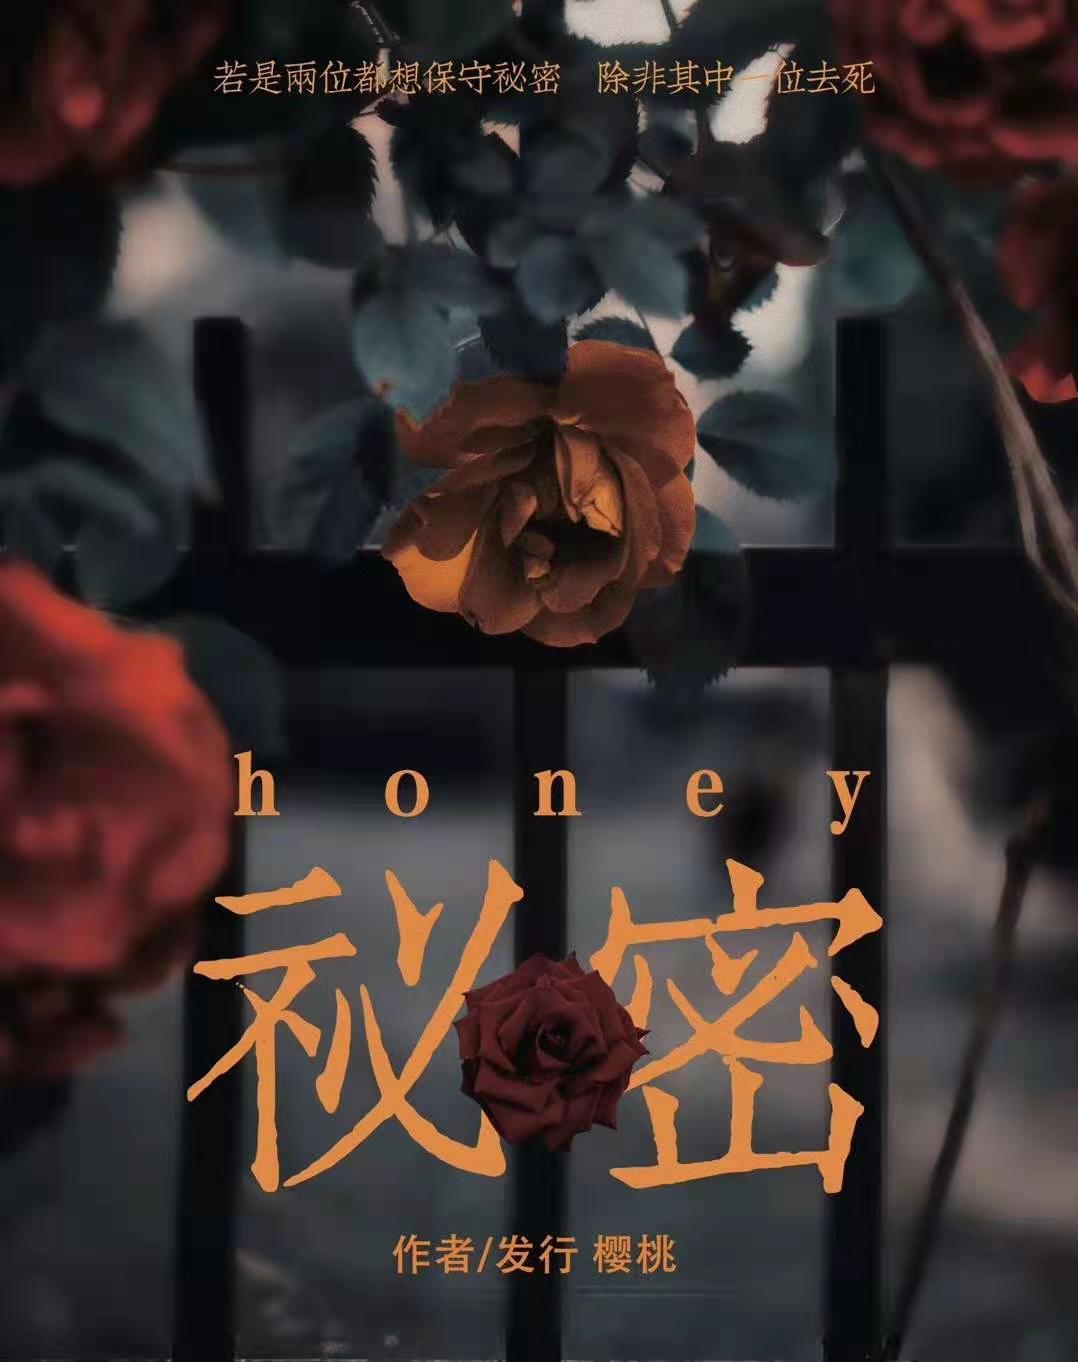 秘密/Honey海报图